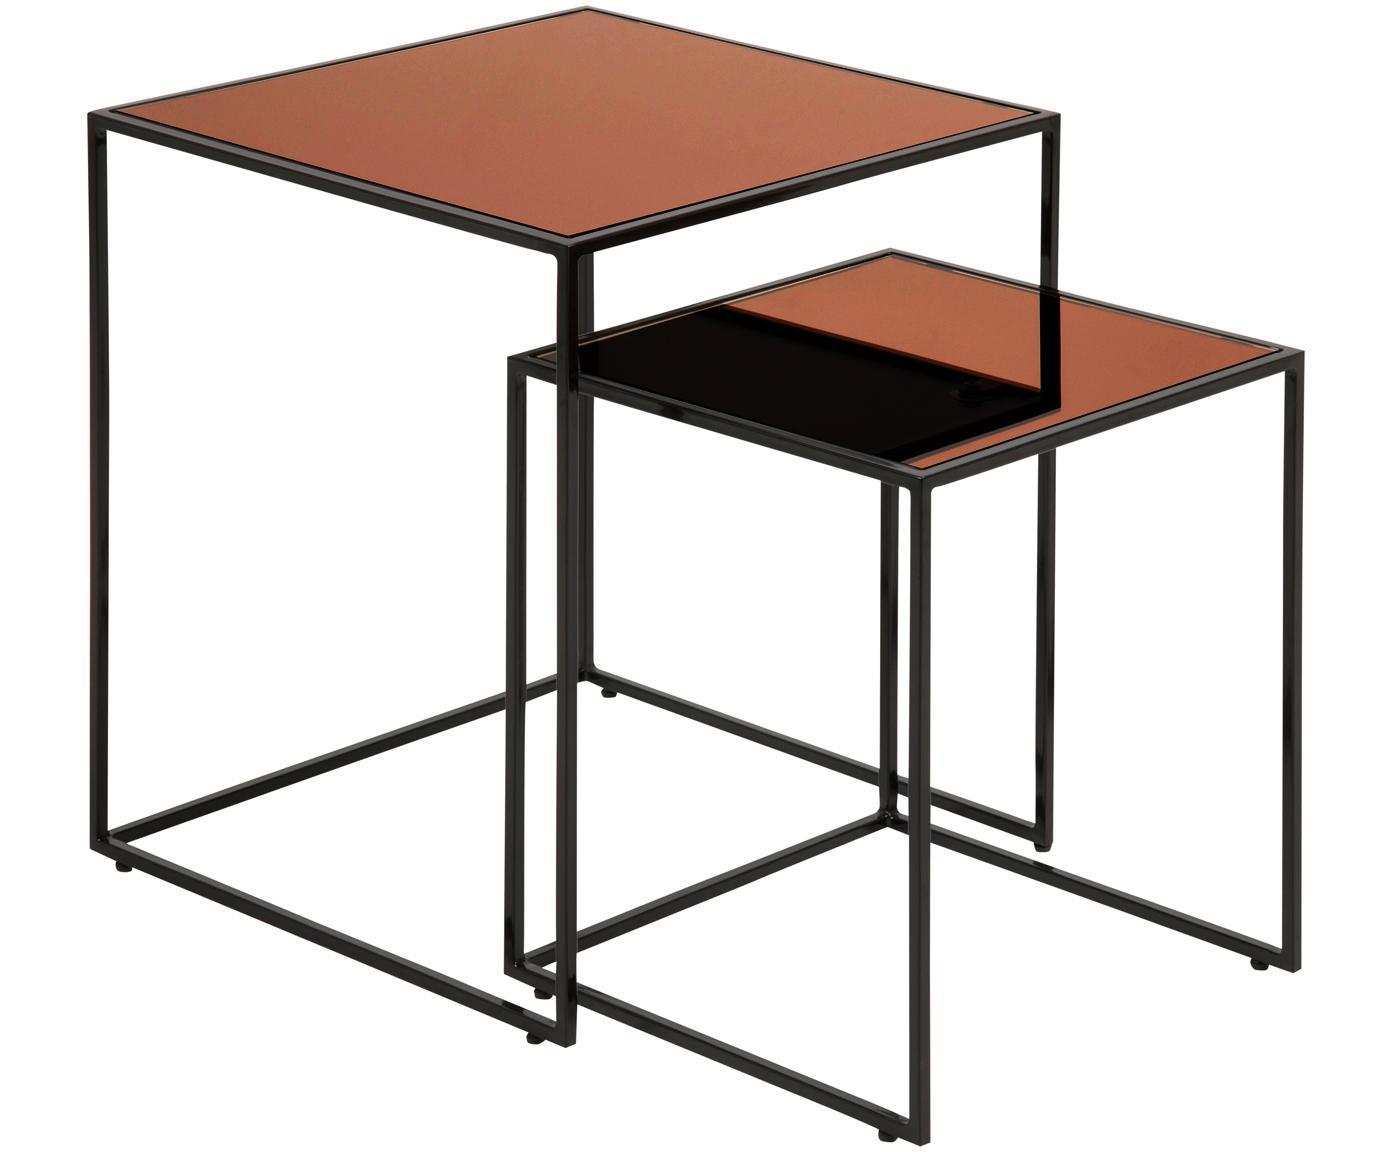 Beistelltisch 2er-Set Bolton mit getönter Glasplatte, Gestell: Stahl, pulverbeschichtet, Tischplatte: Sicherheitsglas, beschich, Schwarz, Kupferfarben, Verschiedene Grössen